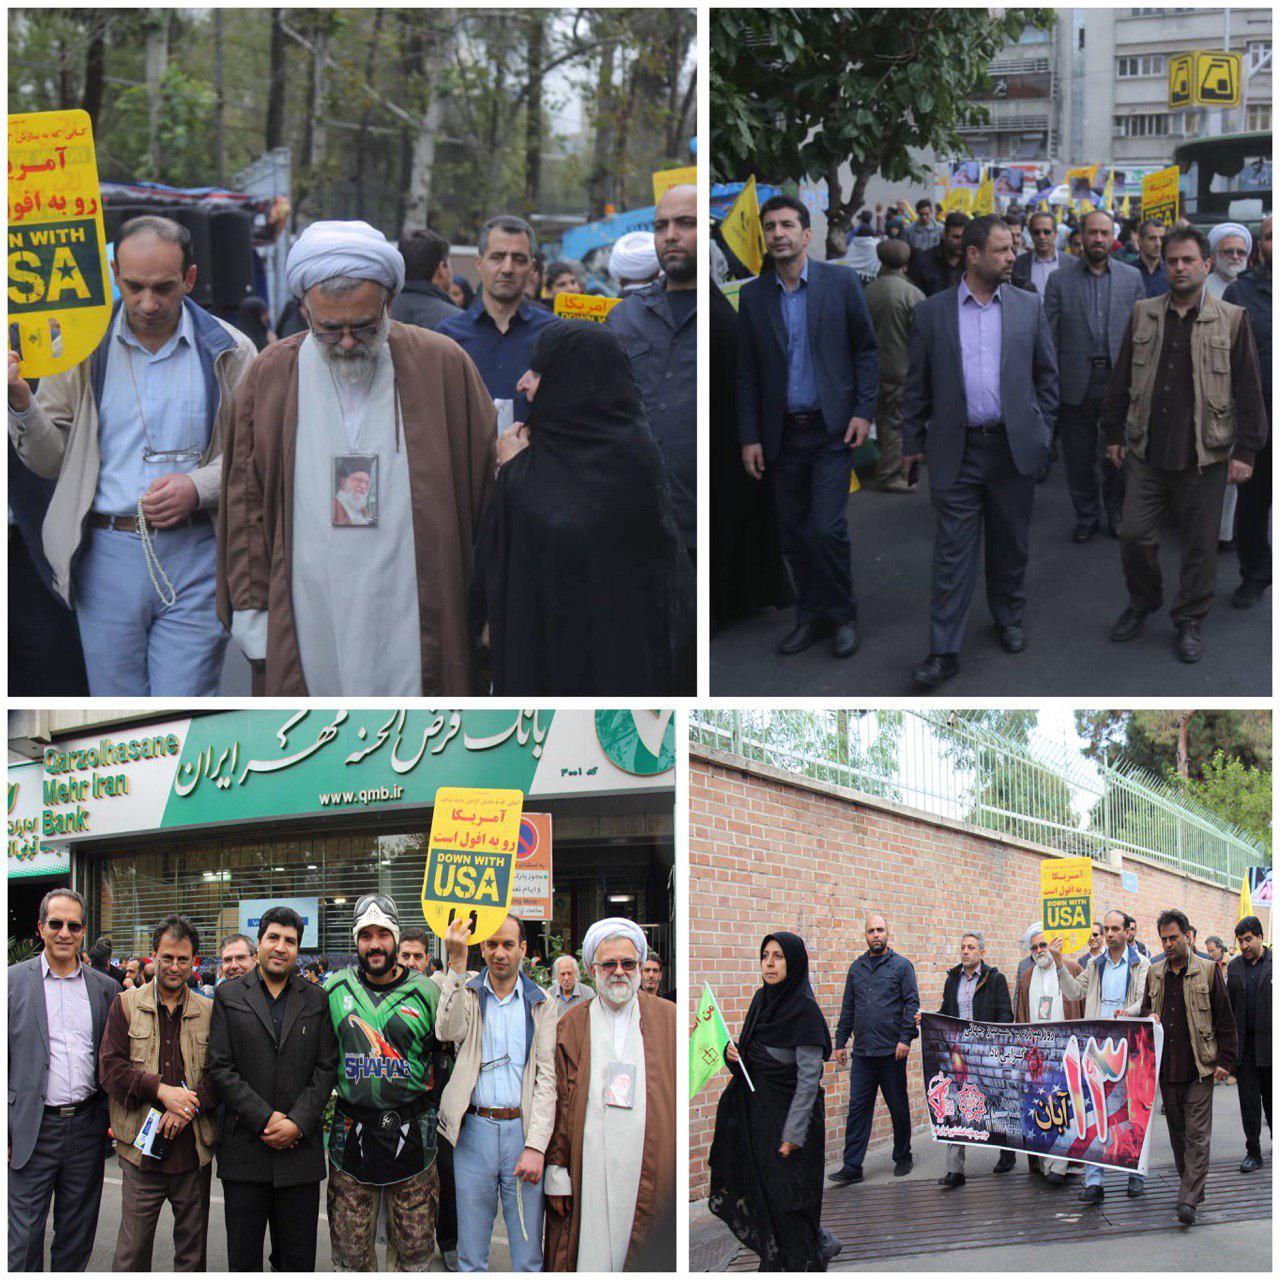 شرکت کارکنان بسیجی شهروند در راهپیمایی ۱۳ آبان